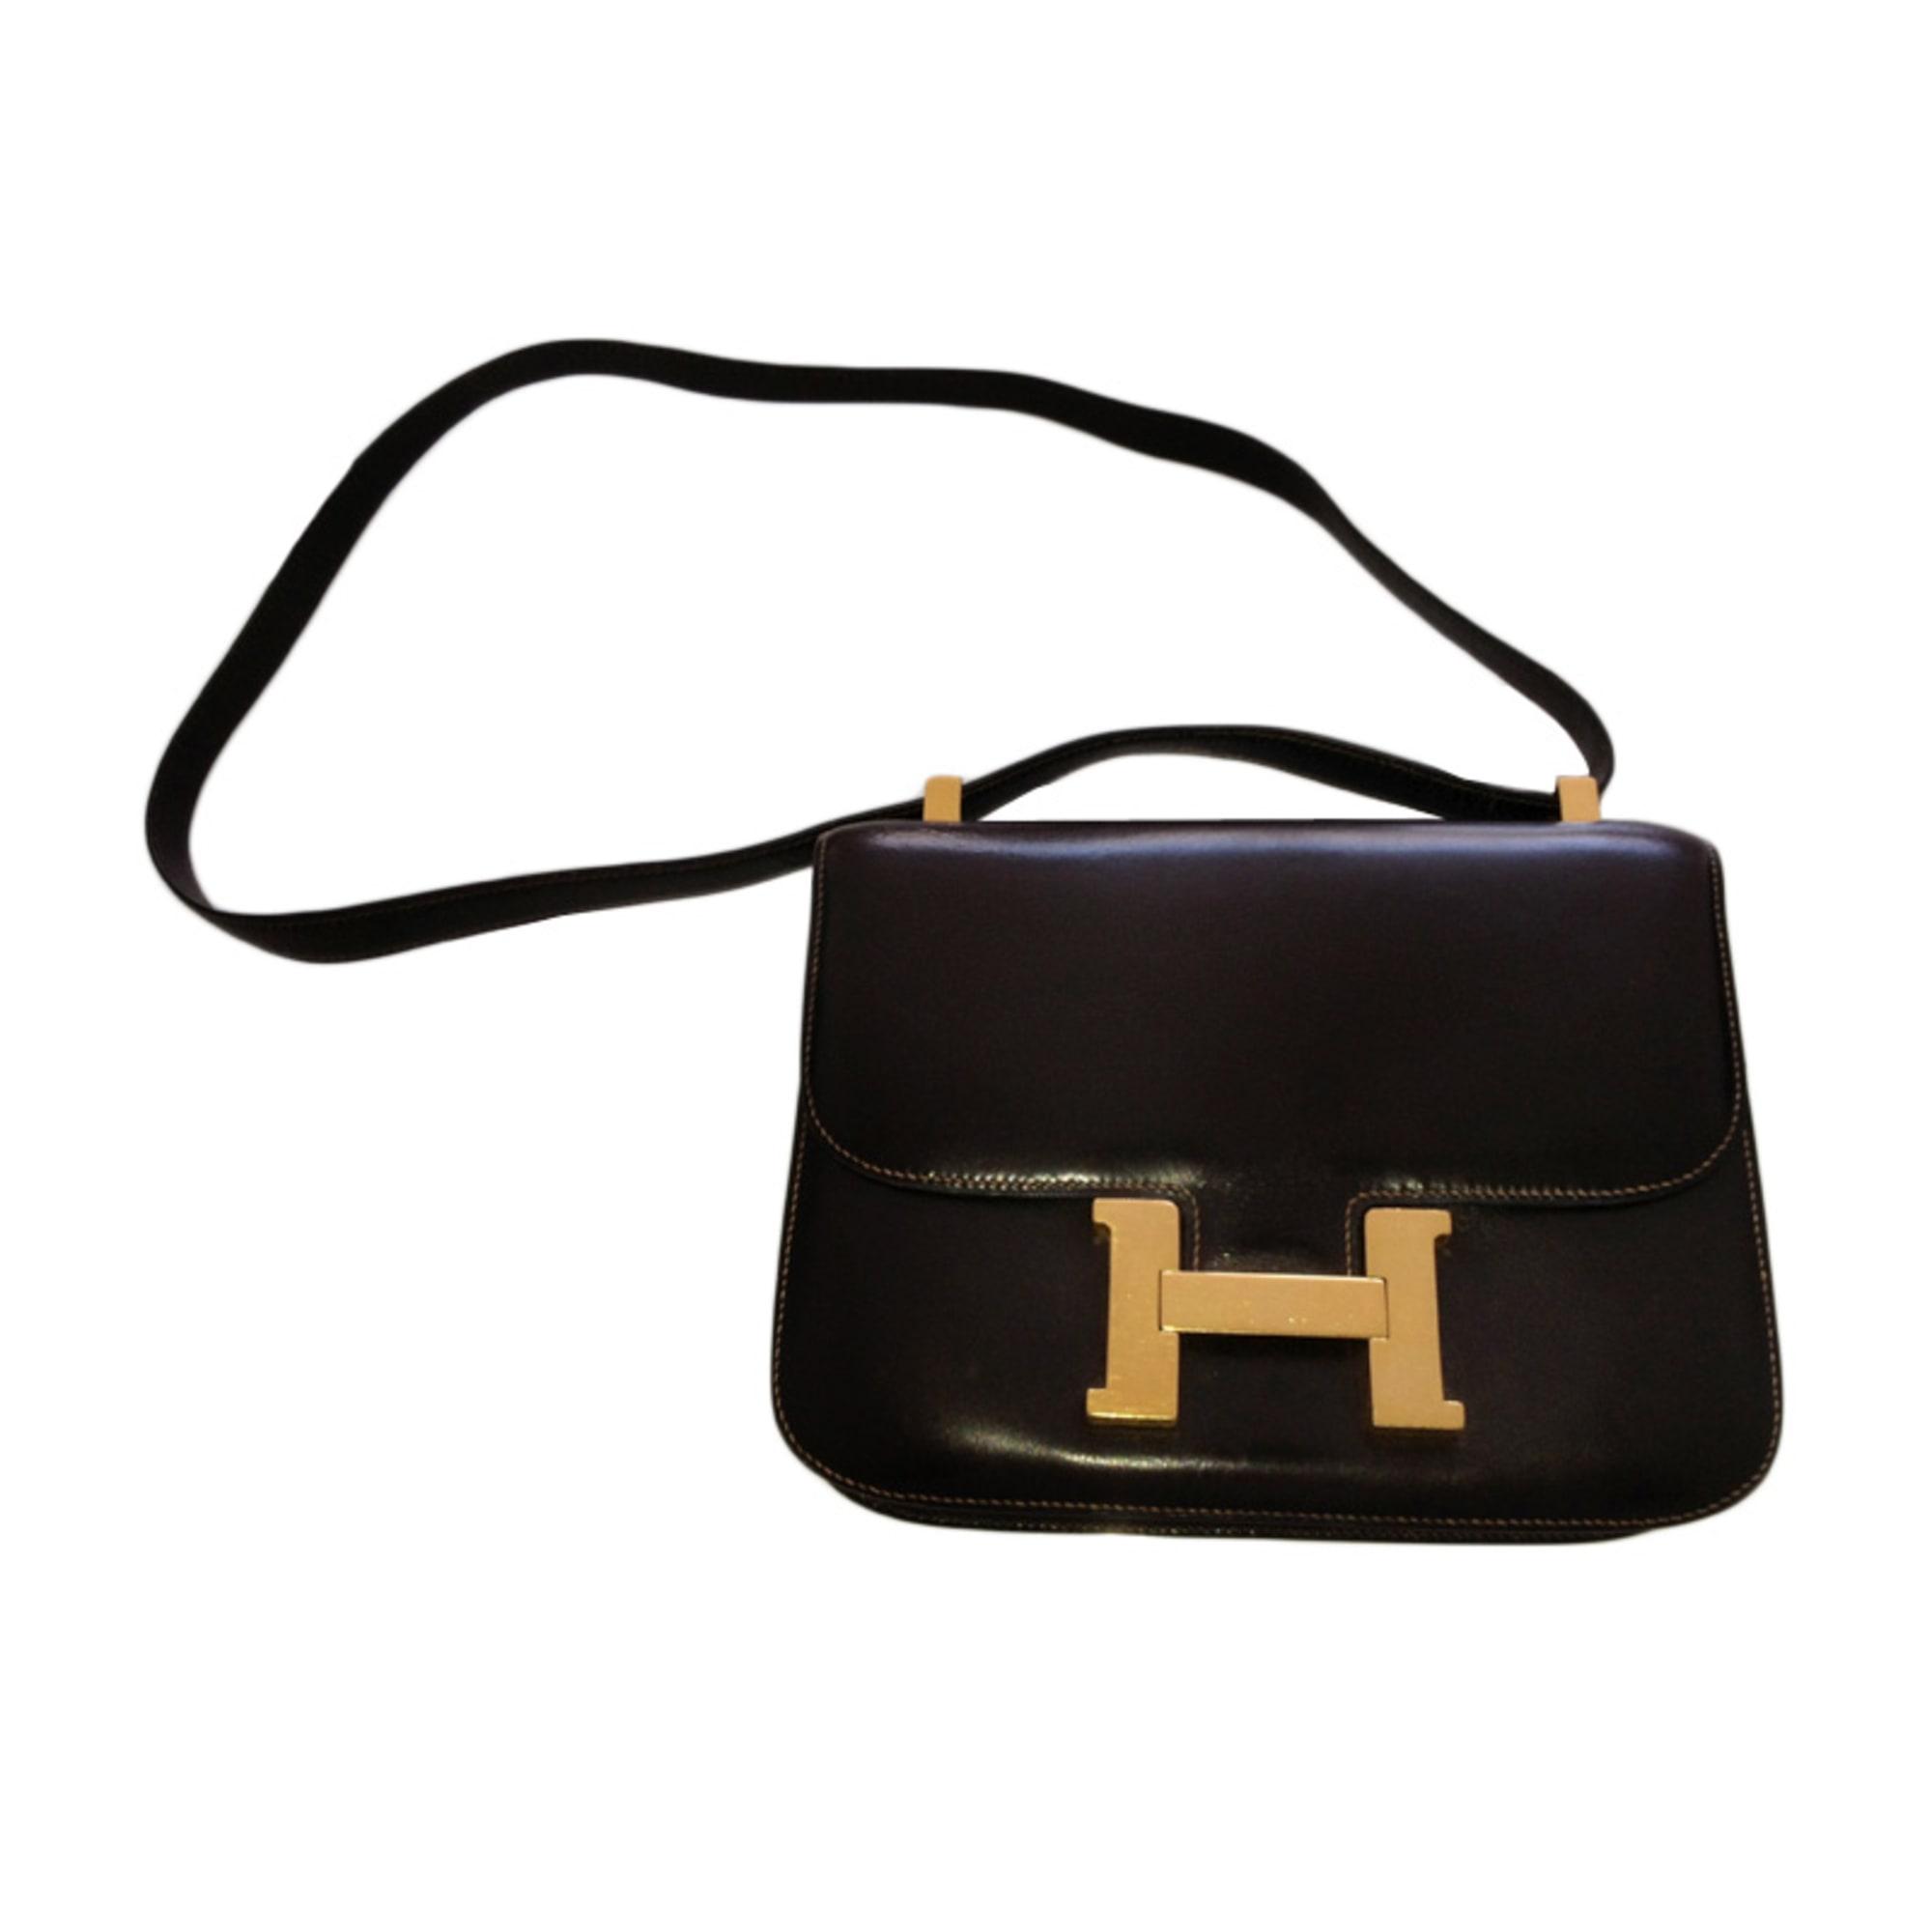 46860ea460 Sac en bandoulière en cuir HERMÈS marron vendu par Flora 1114736 ...